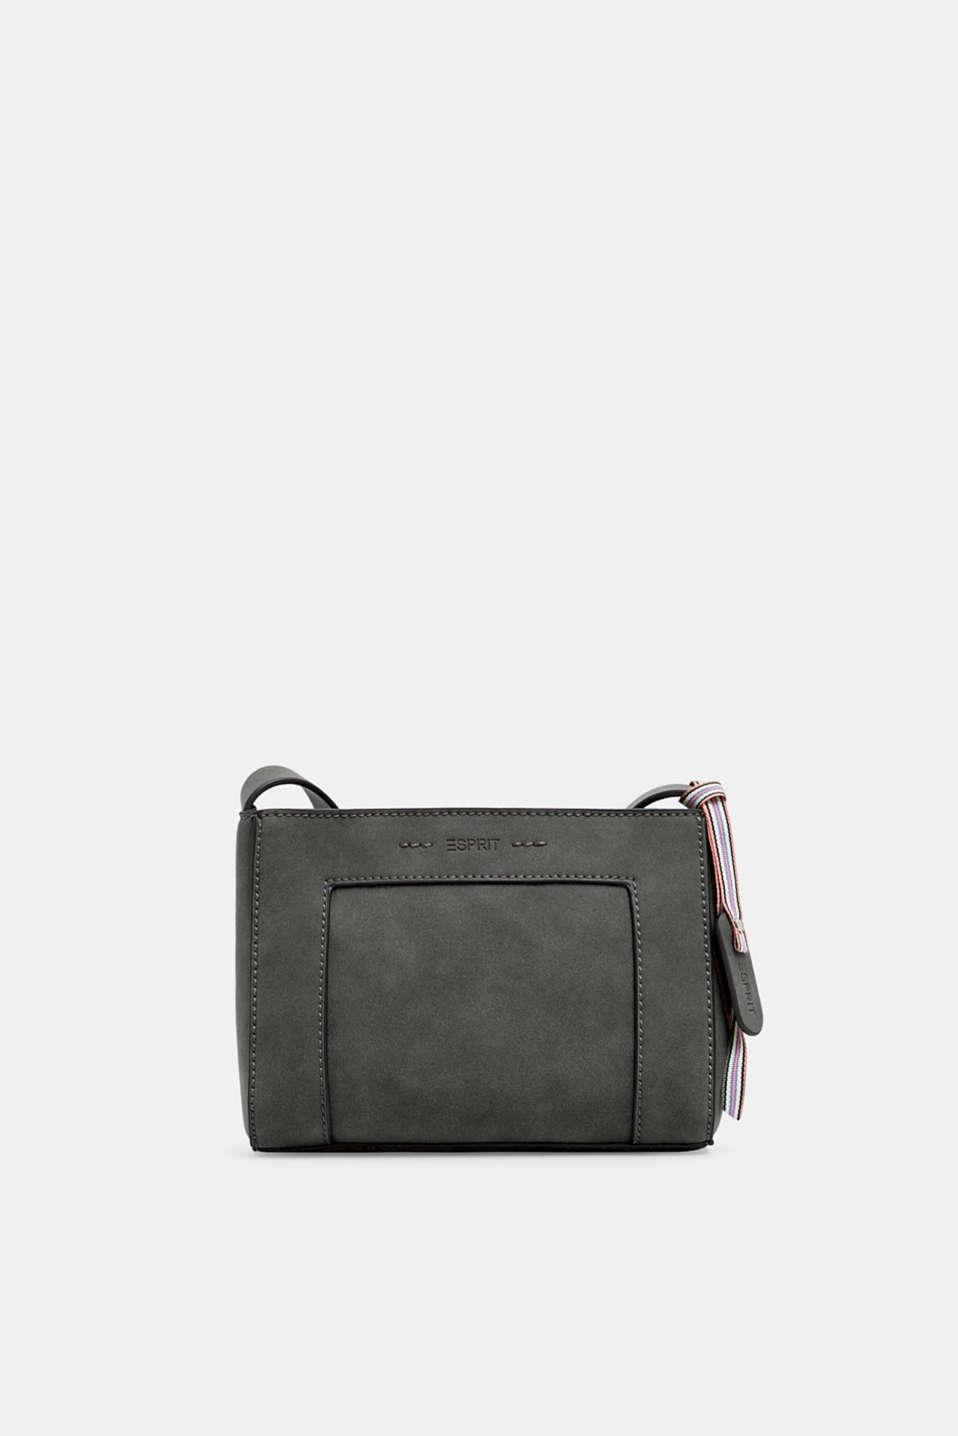 df50bb08c Esprit : Bolso bandolera pequeño en piel nobuk en la Online-Shop